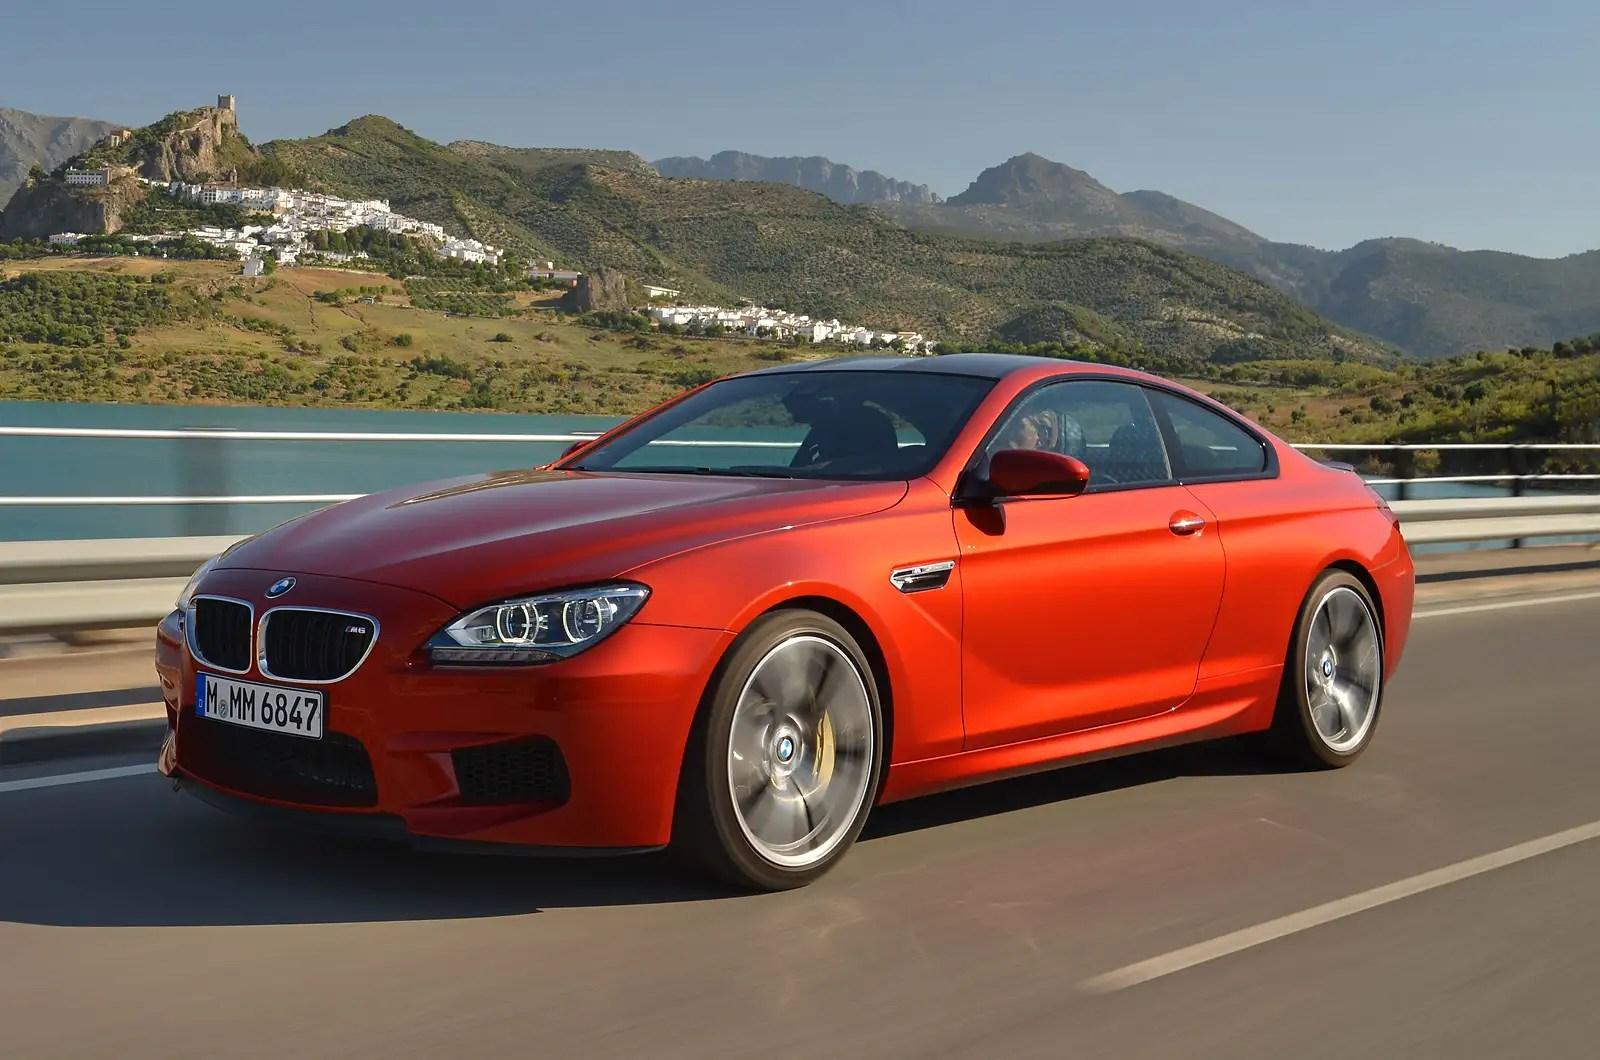 Belanja online hp meizu m6 terbaik, terlengkap & harga termurah di lazada indonesia | bisa cod ✓ gratis ongkir ✓ voucher diskon. First drive review: BMW M6 Coupe review | Autocar